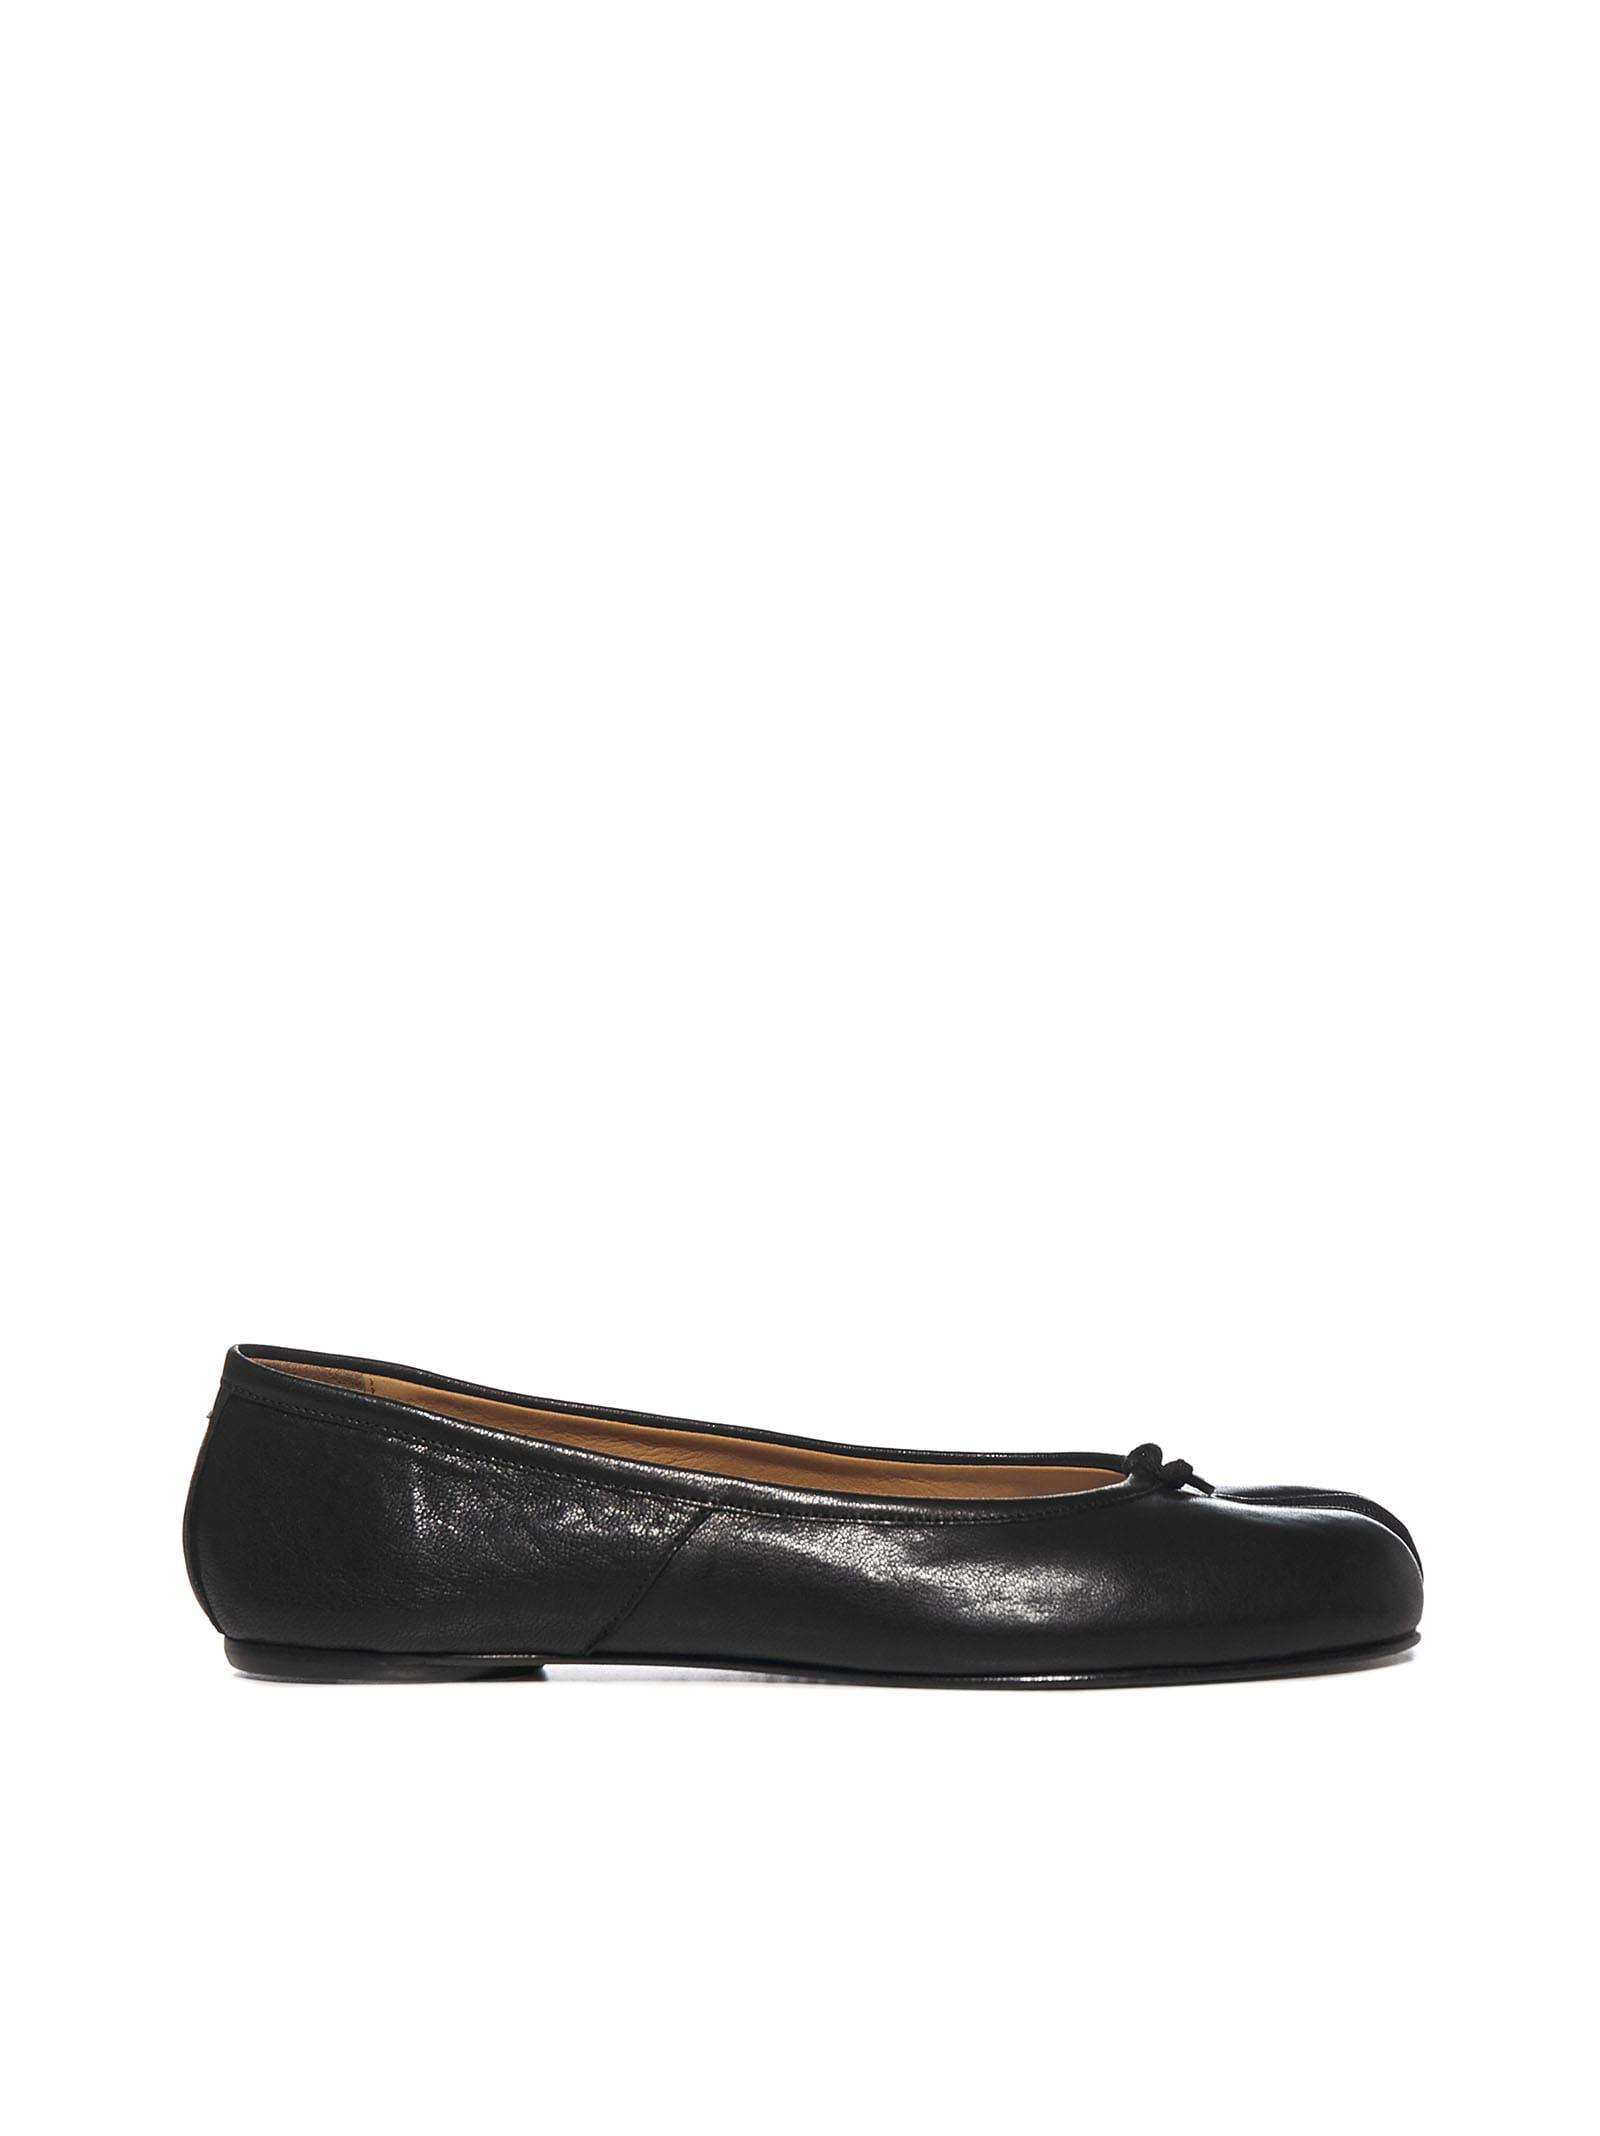 Buy Maison Margiela Flat Shoes online, shop Maison Margiela shoes with free shipping